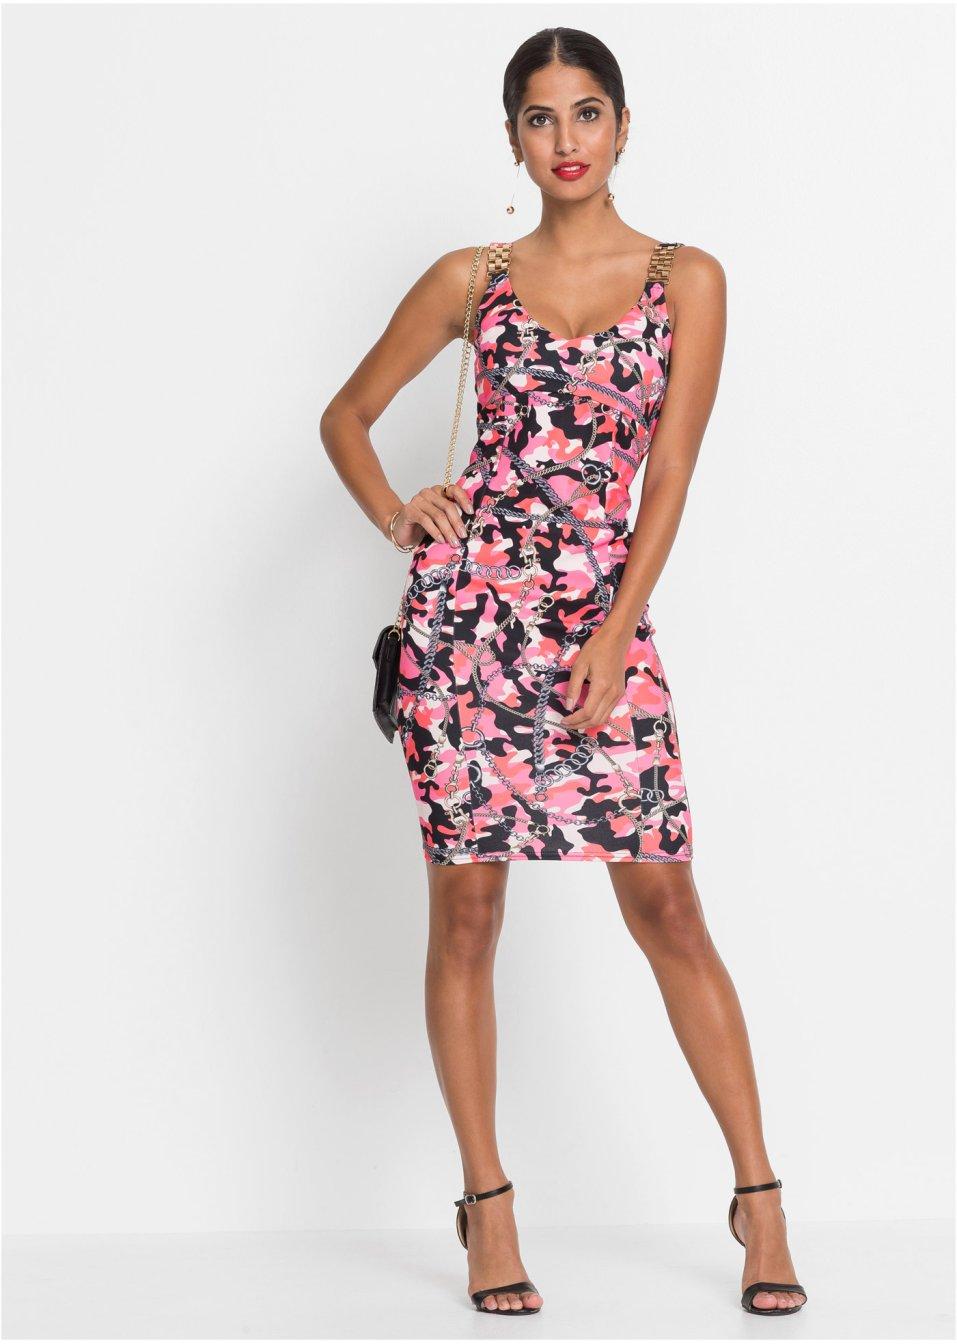 Mode Femme Vêtements DJLfdOFlkj Robe estivale imprimée noir/fuchsia imprimé BODYFLIRT boutique commande online .fr